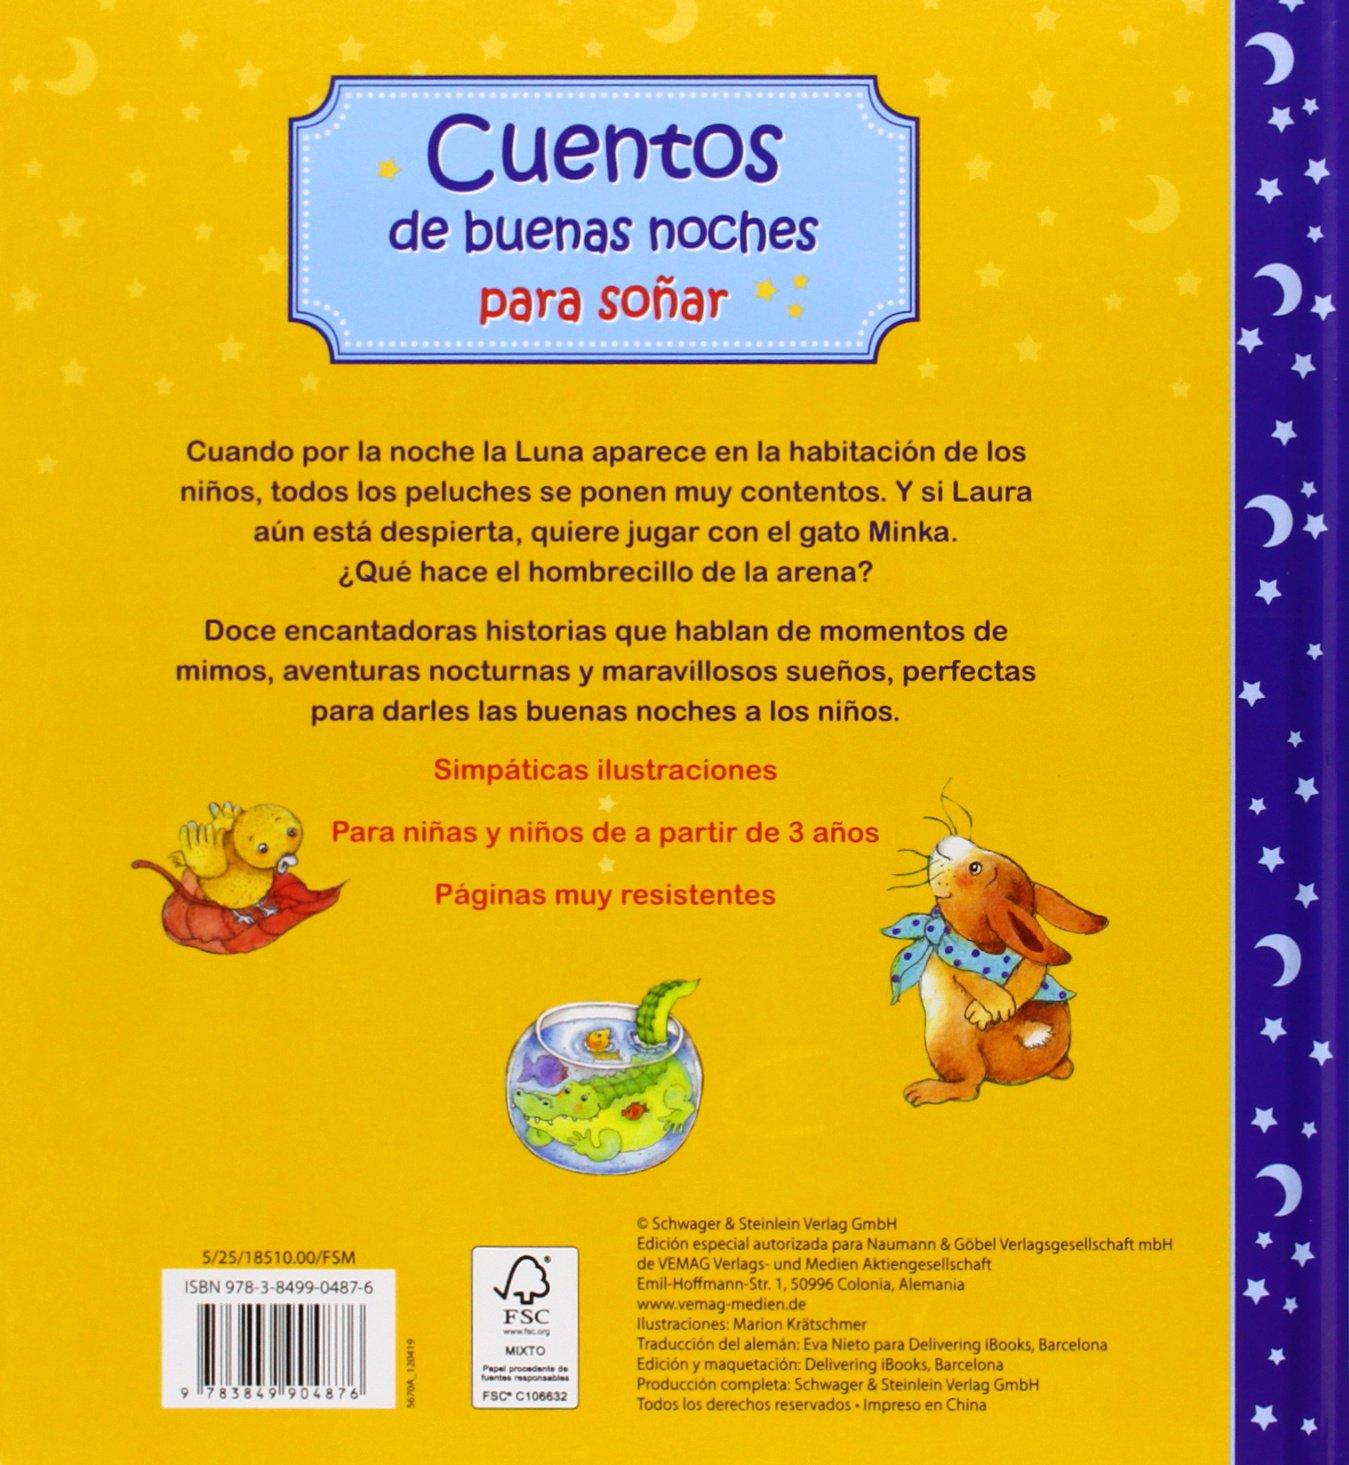 CUENTOS DE BUENAS NOCHES PARA SO�AR-NGV: KRATSCHMER(904876): 9783849904876: Amazon.com: Books